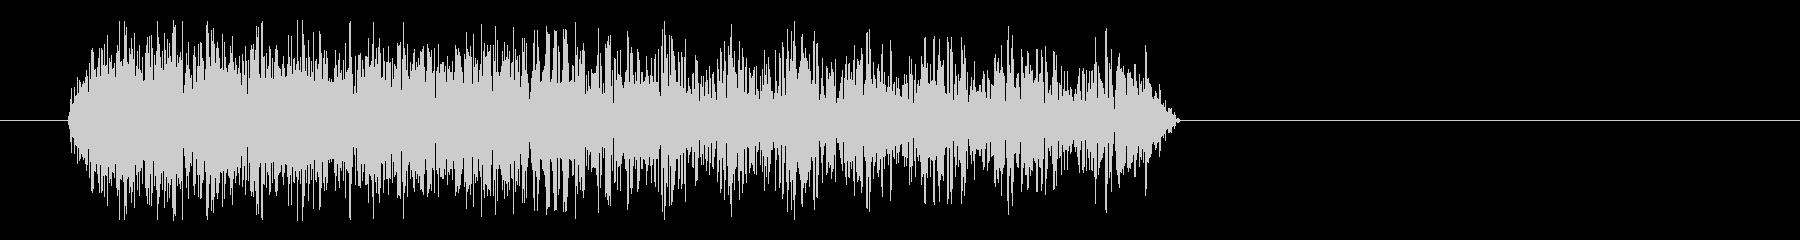 ジューンという怪しい音の未再生の波形